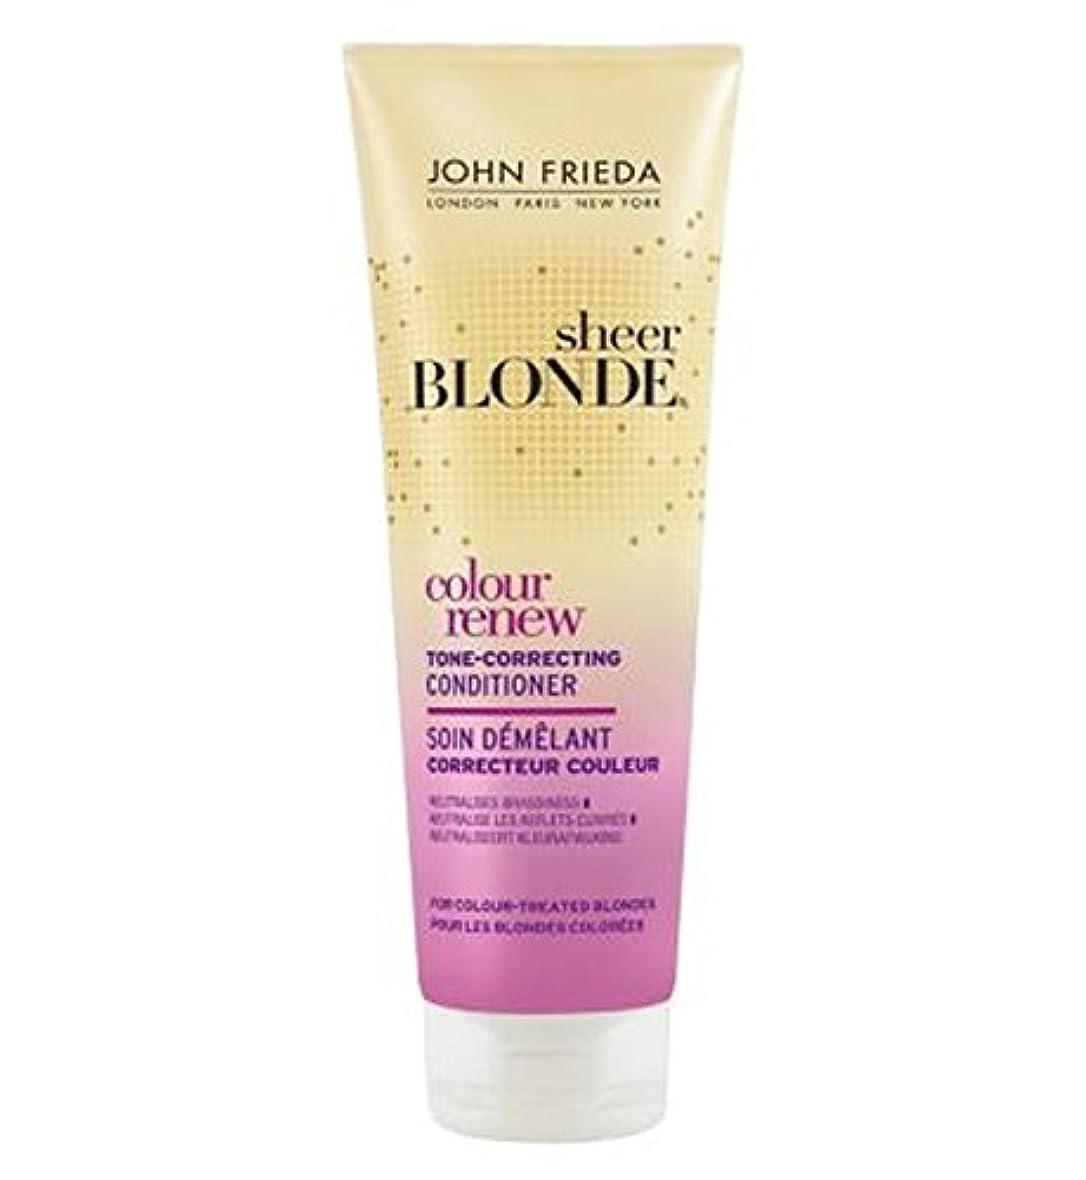 アシスタントこねる大学生John Frieda Sheer Blonde Colour Renew Tone Correcting Conditioner 250ml - ジョン?フリーダ薄手のブロンド色は色調補正コンディショナー250ミリリットル...